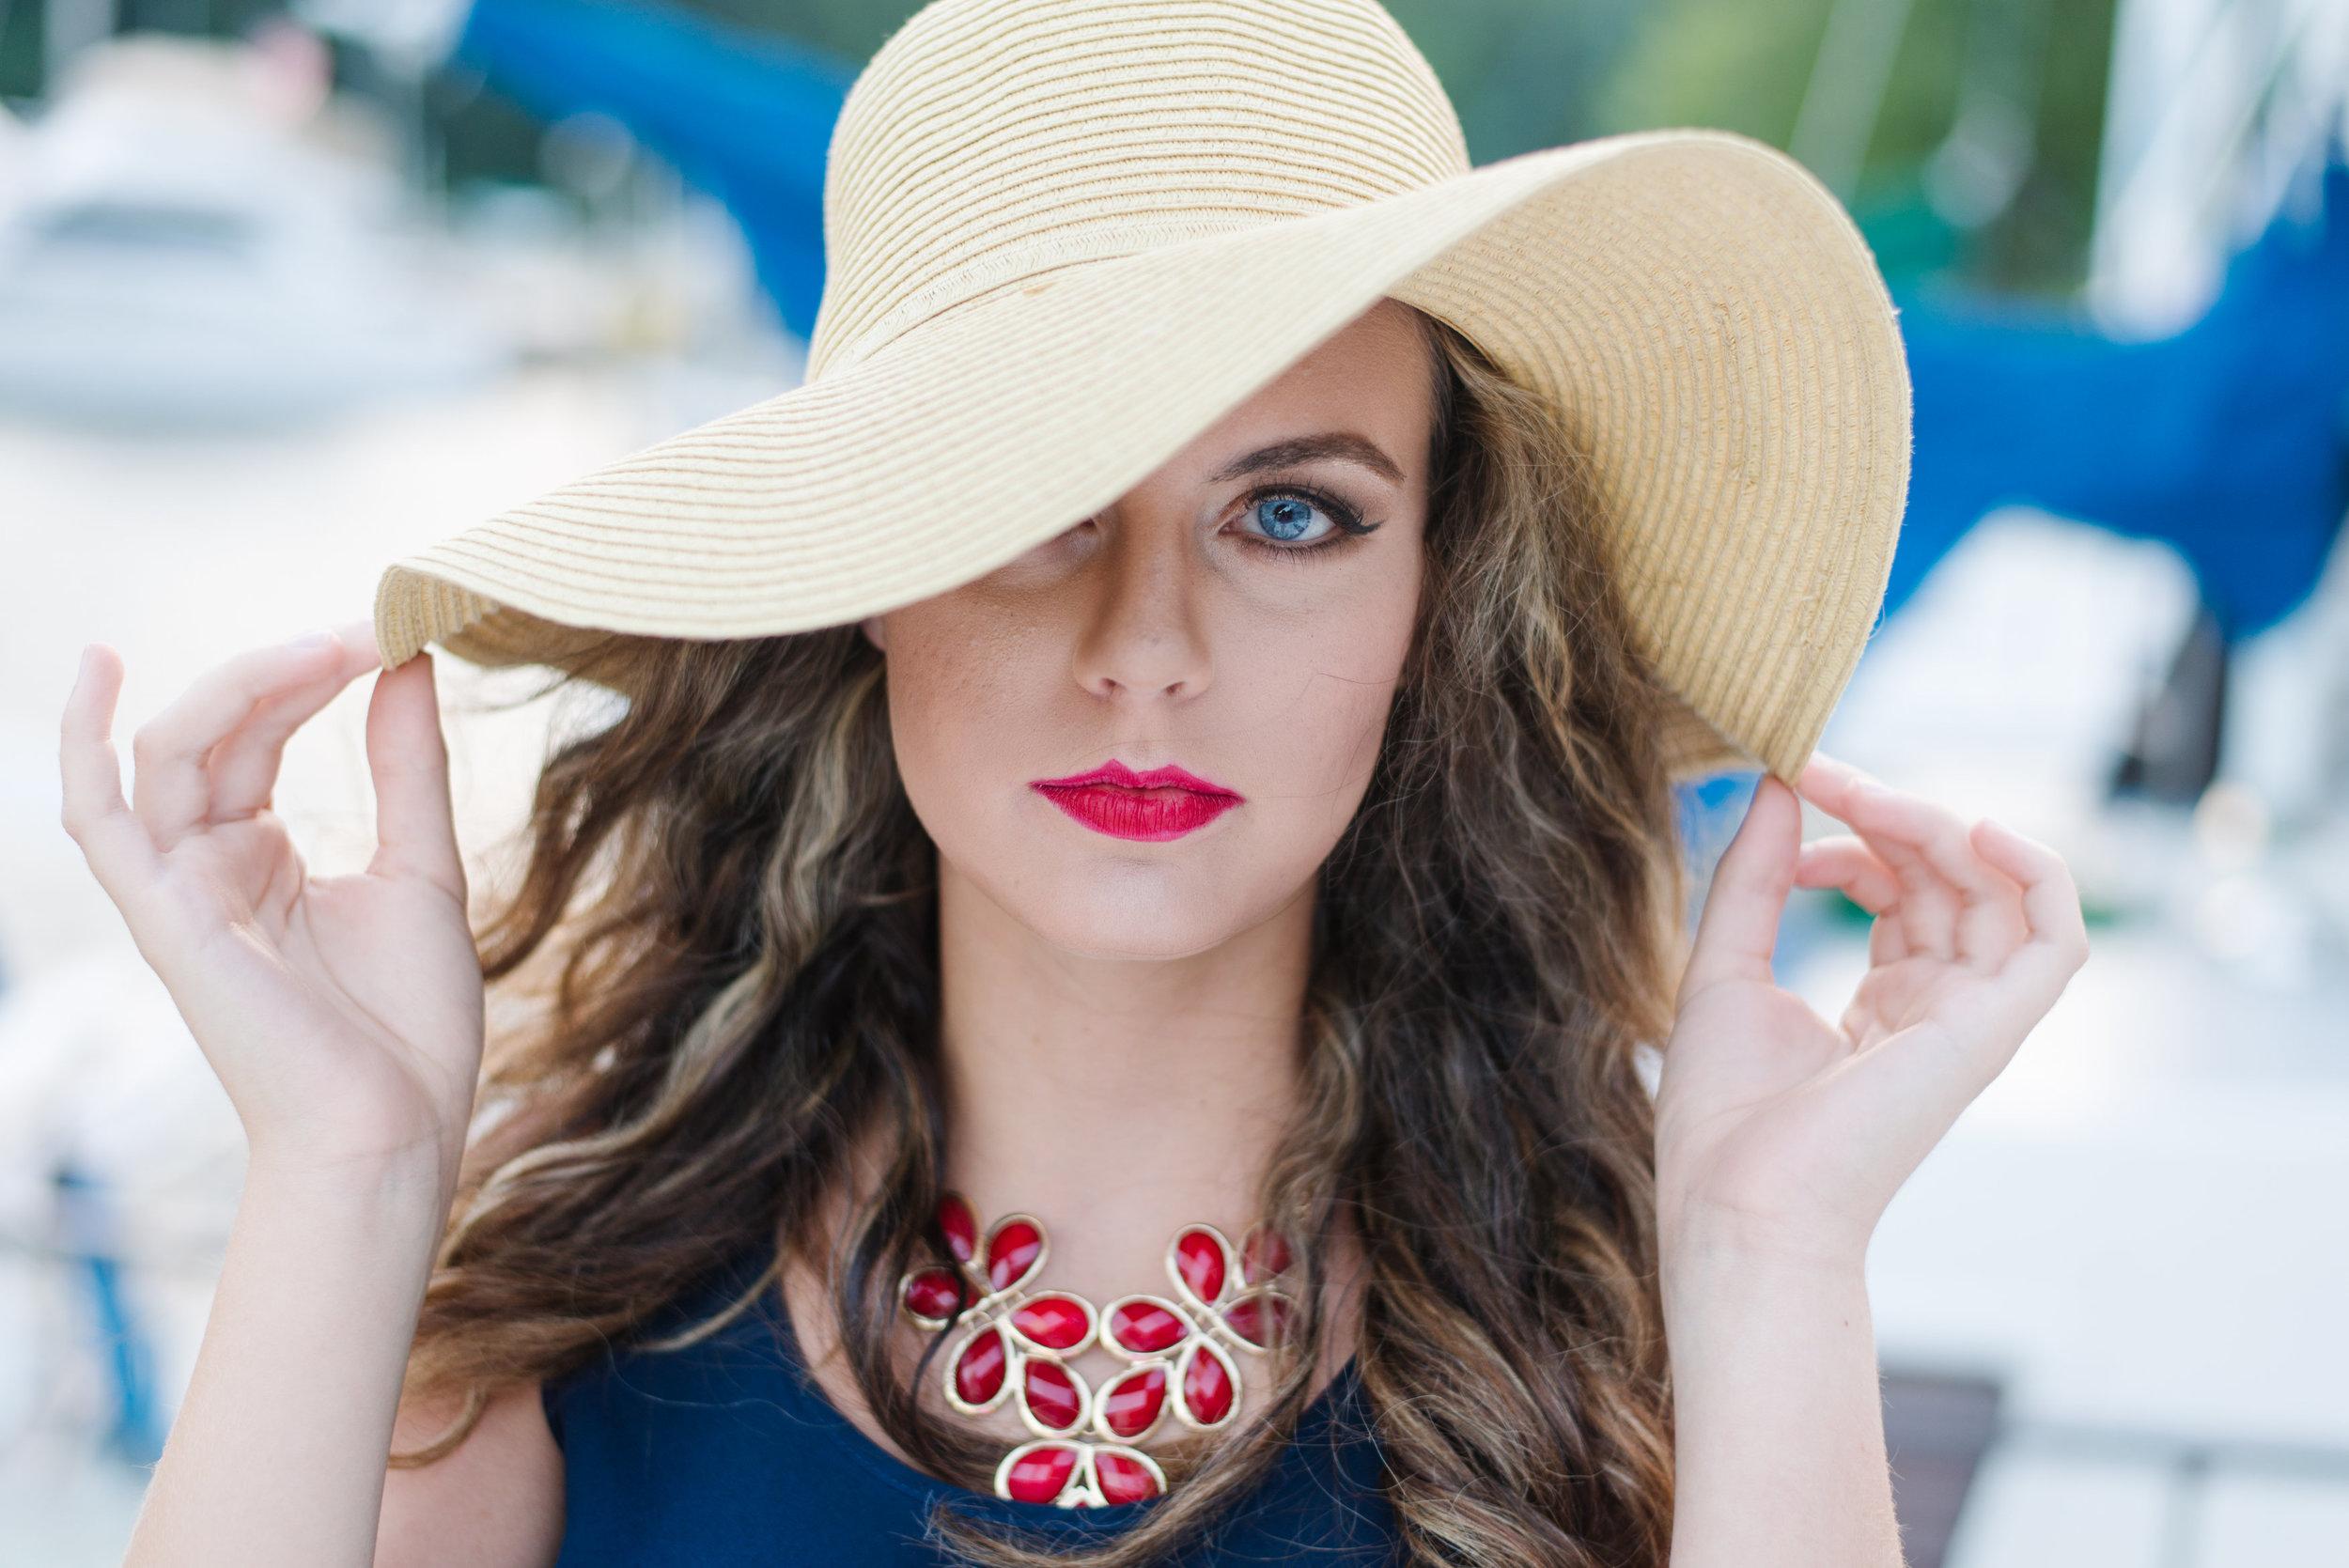 Madison Short Photography